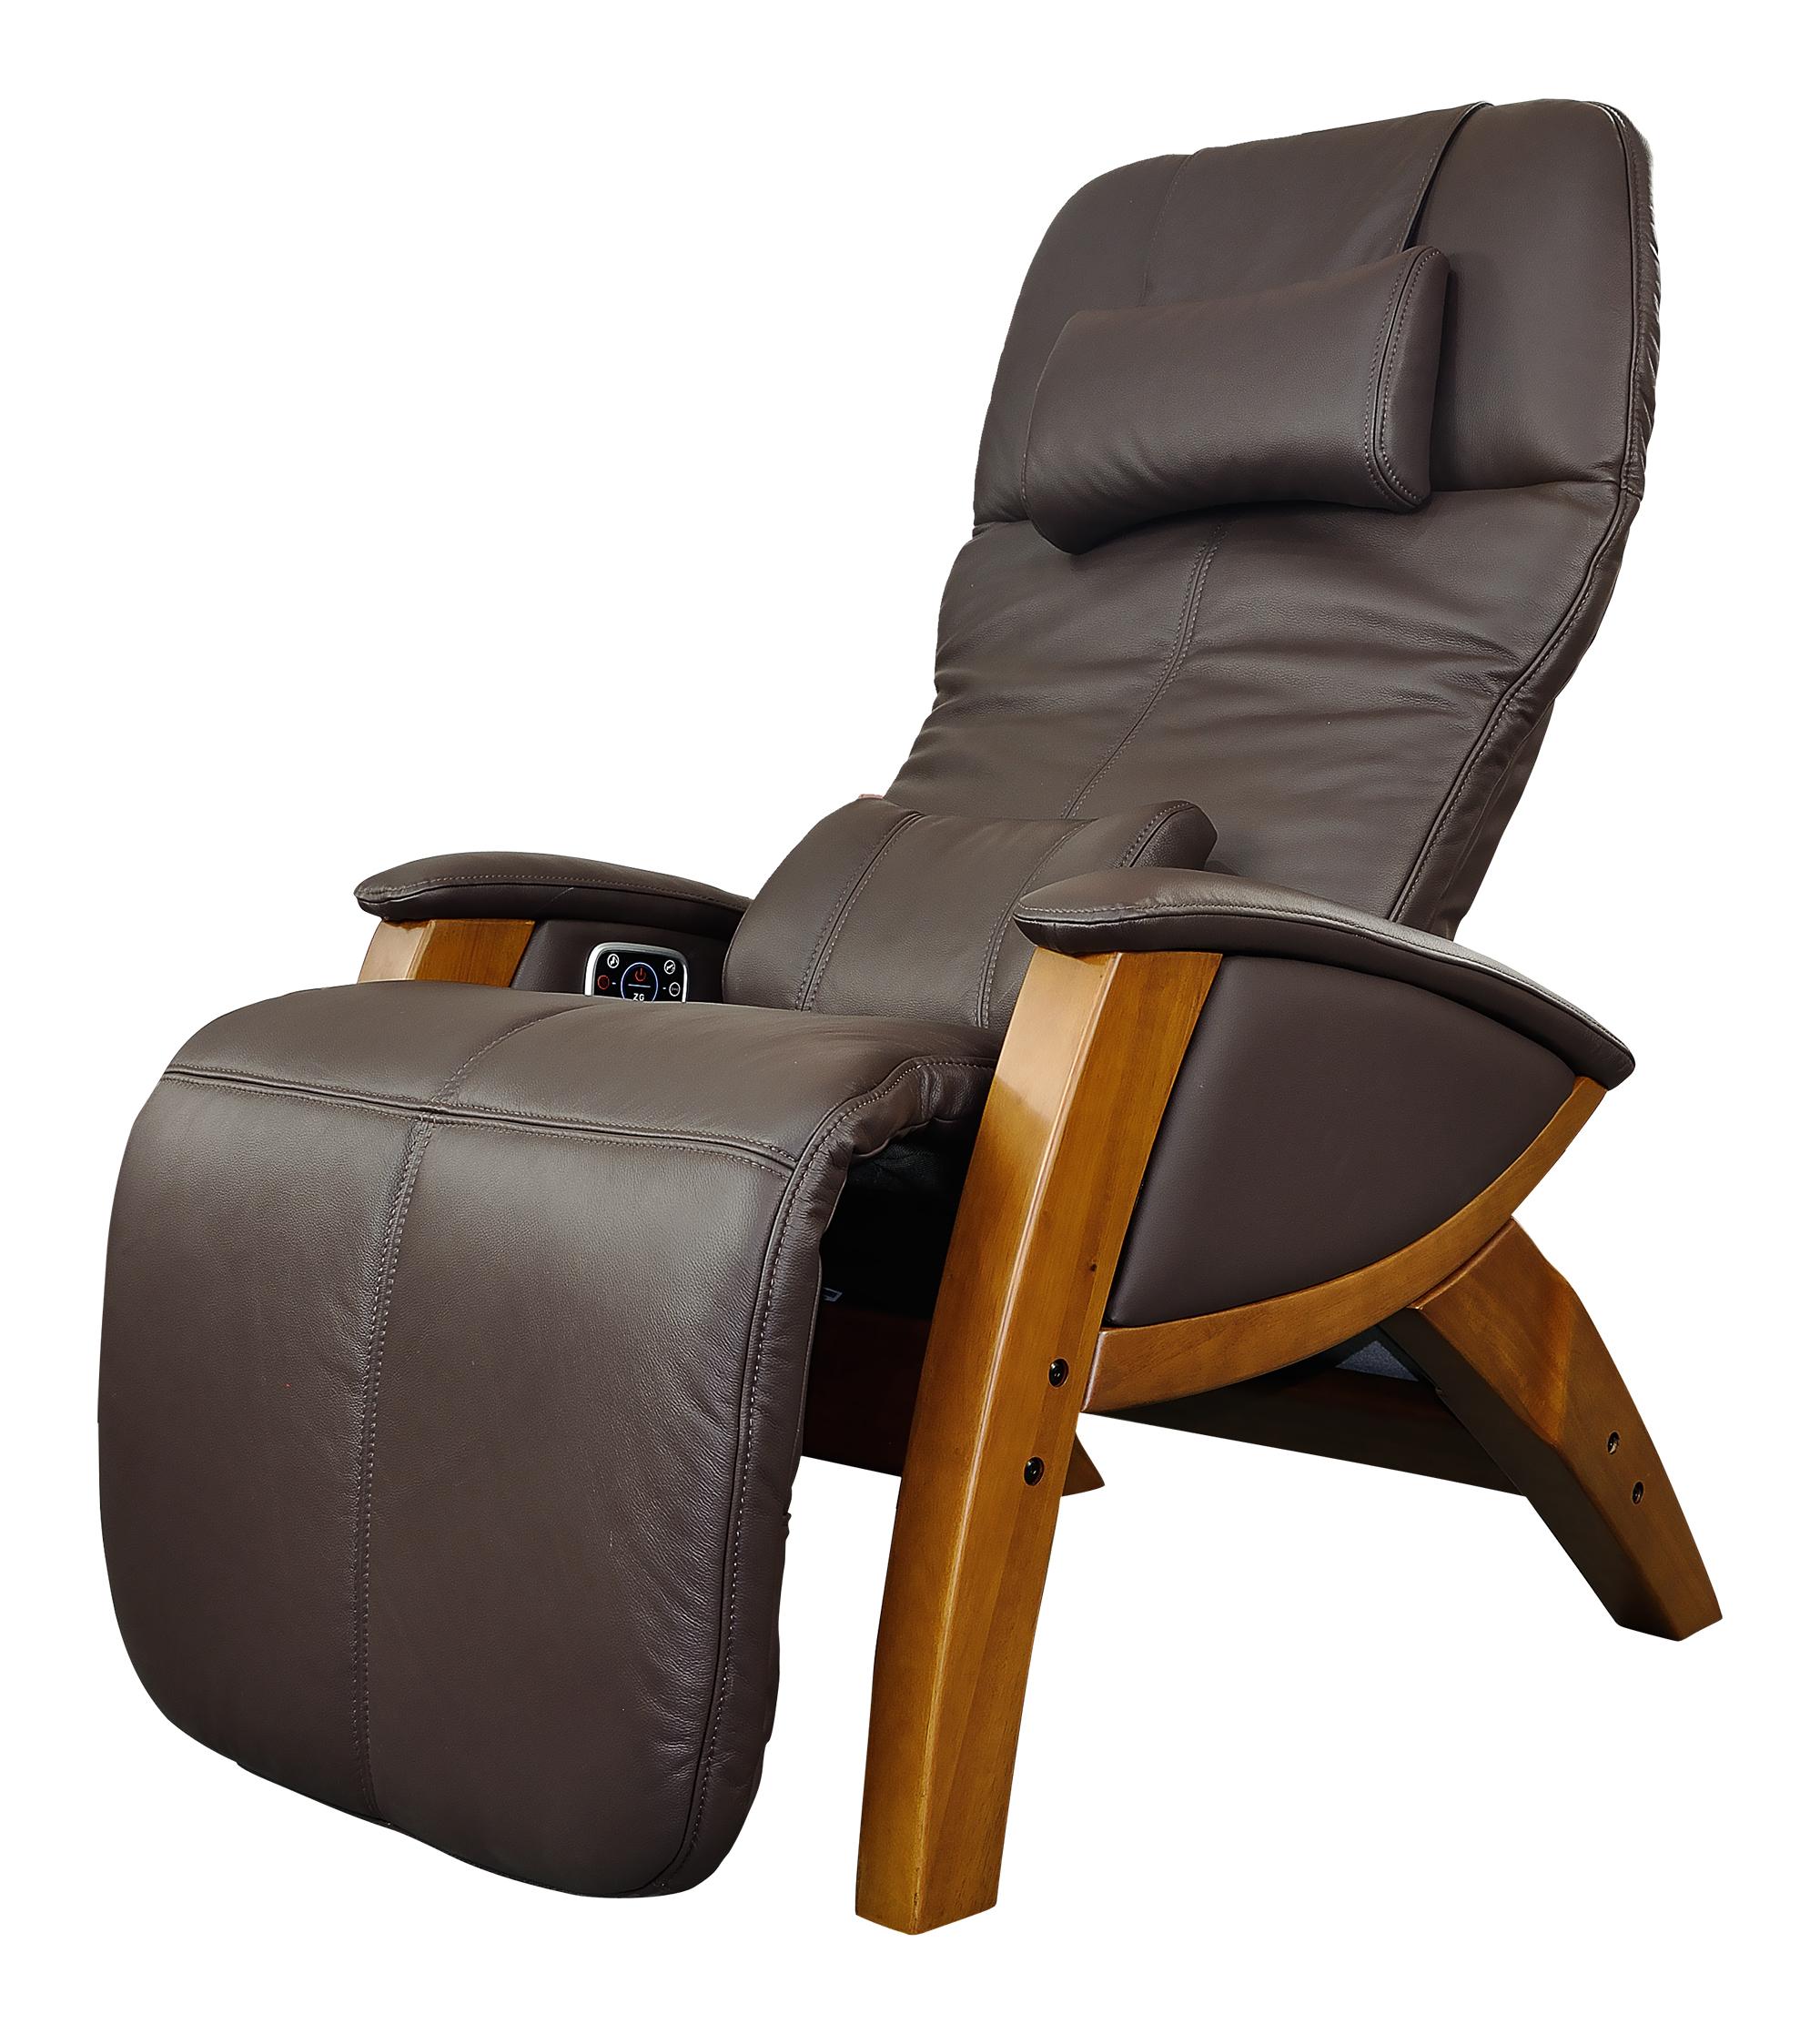 Svago SV 410 SV 415 Benessere Zero Gravity Leather Recliner Chair